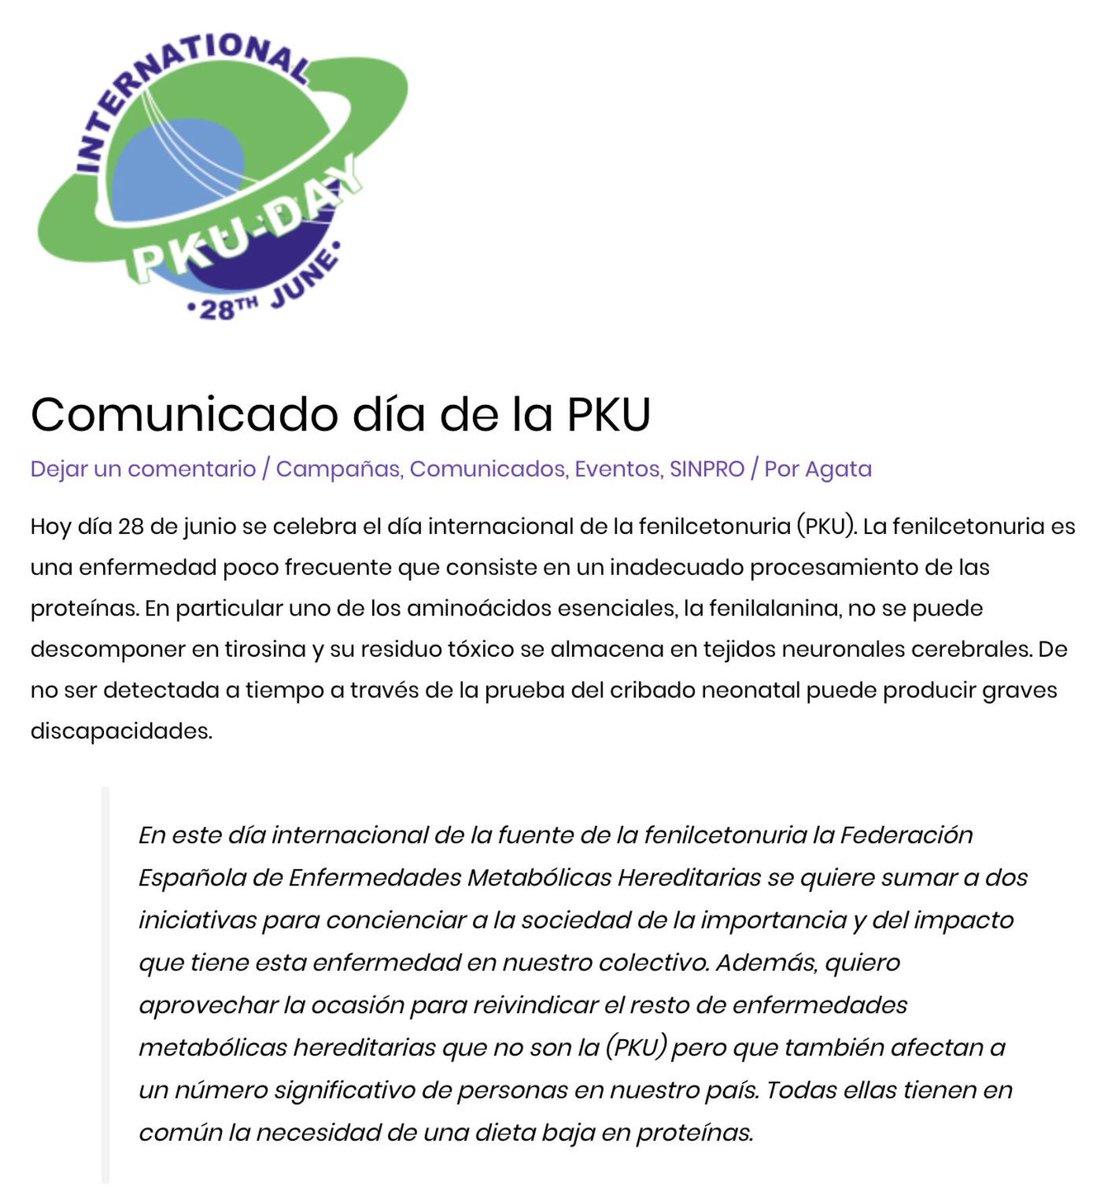 Hoy 28 de junio, es el Día Internacional de la #Fenilcetonuria #PKU #EnfermedadesRaras #PKUDAY2021 @PKU_Day @Metabolicos_es